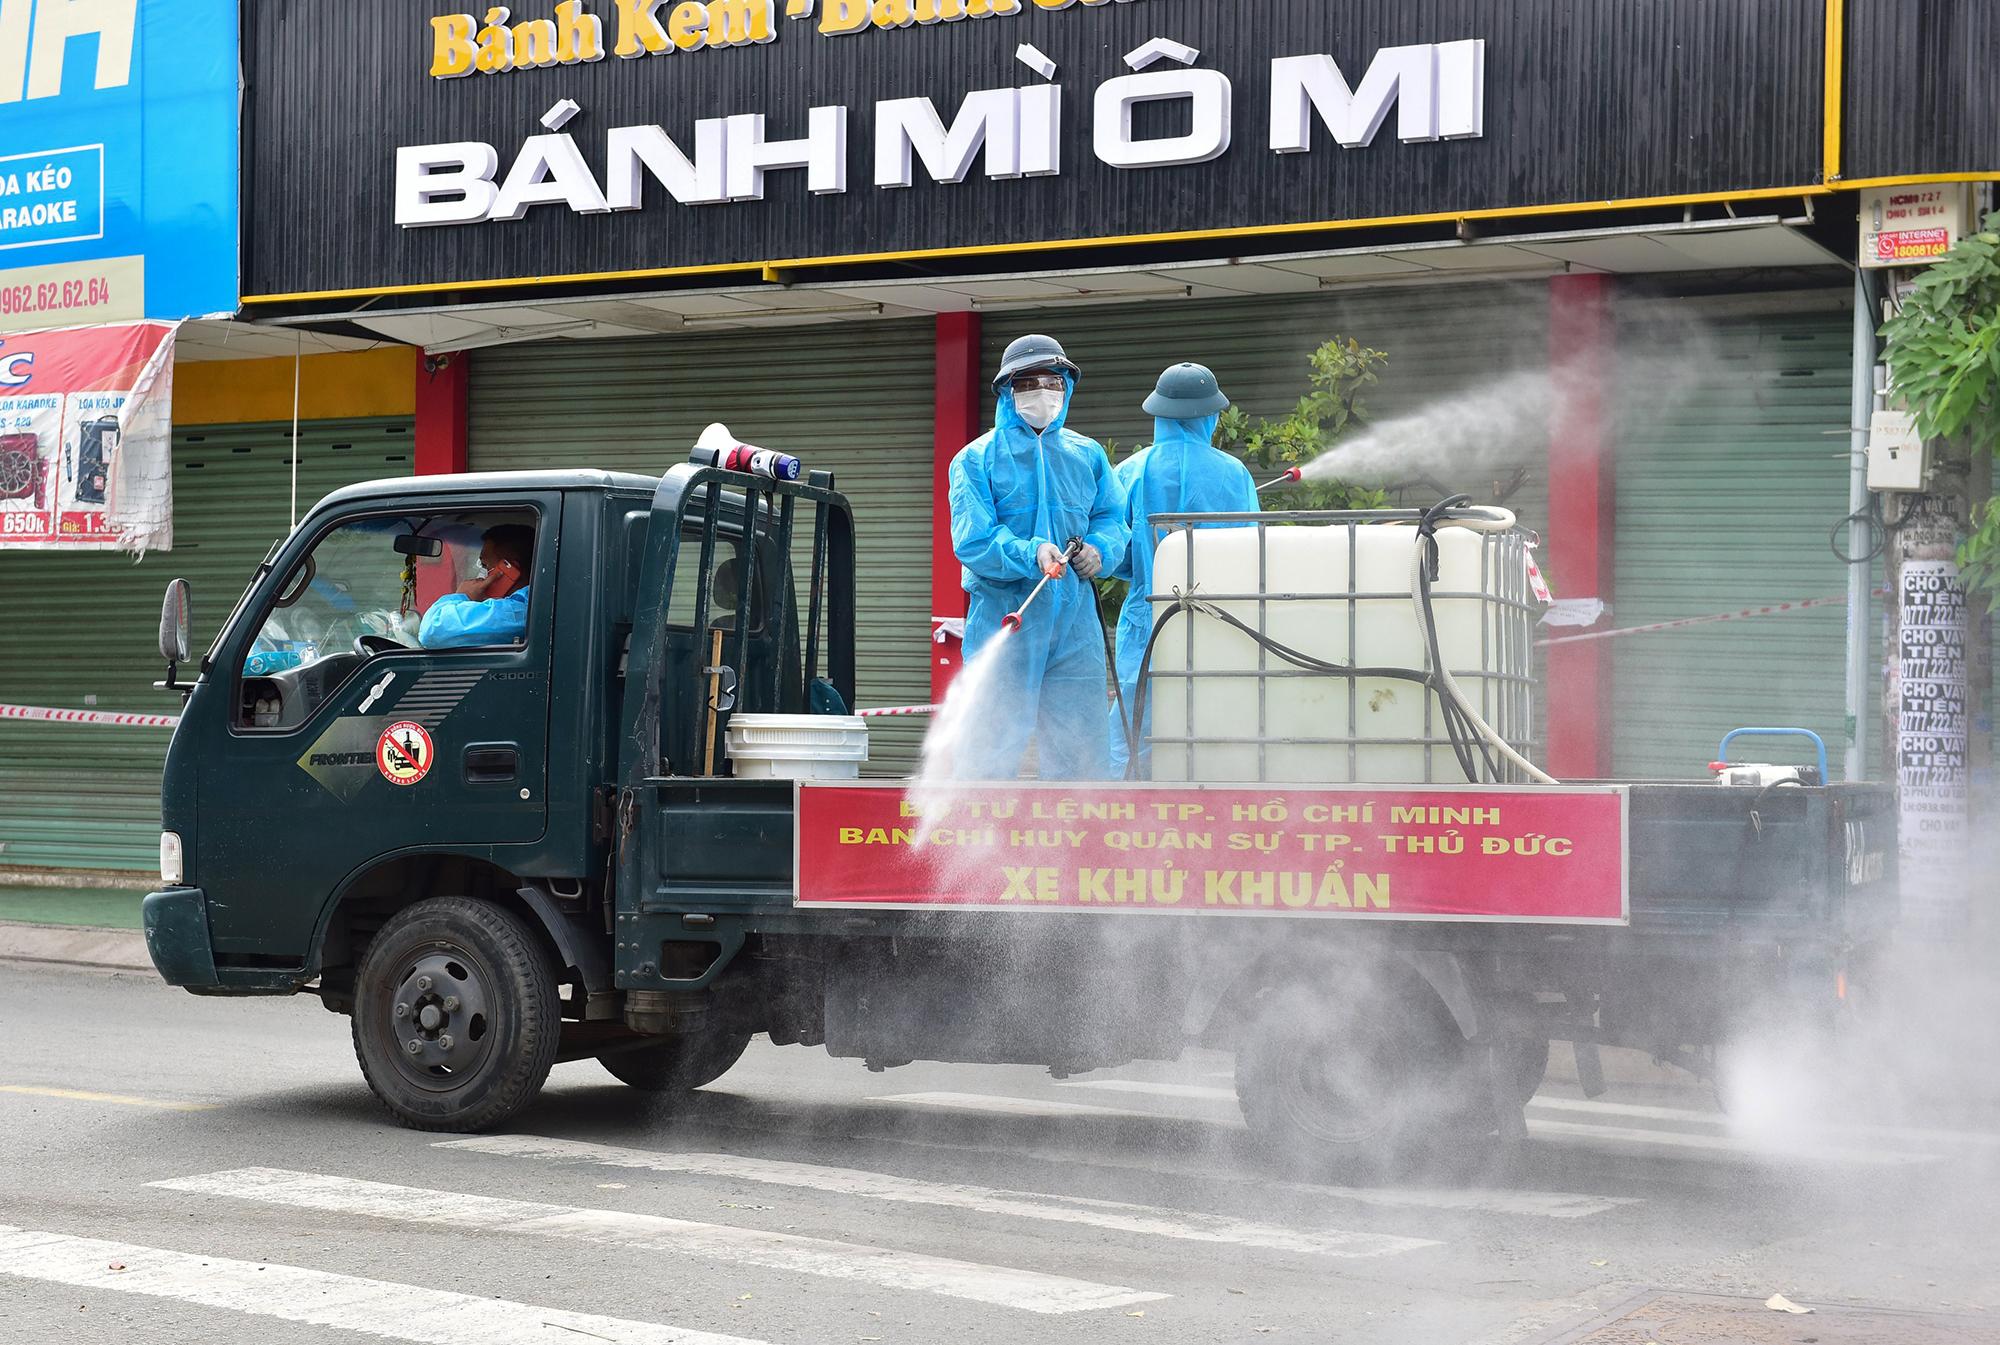 Ảnh: Ngày đầu ra quân phun hoá chất tiêu độc, khử khuẩn toàn bộ TP.HCM - 5